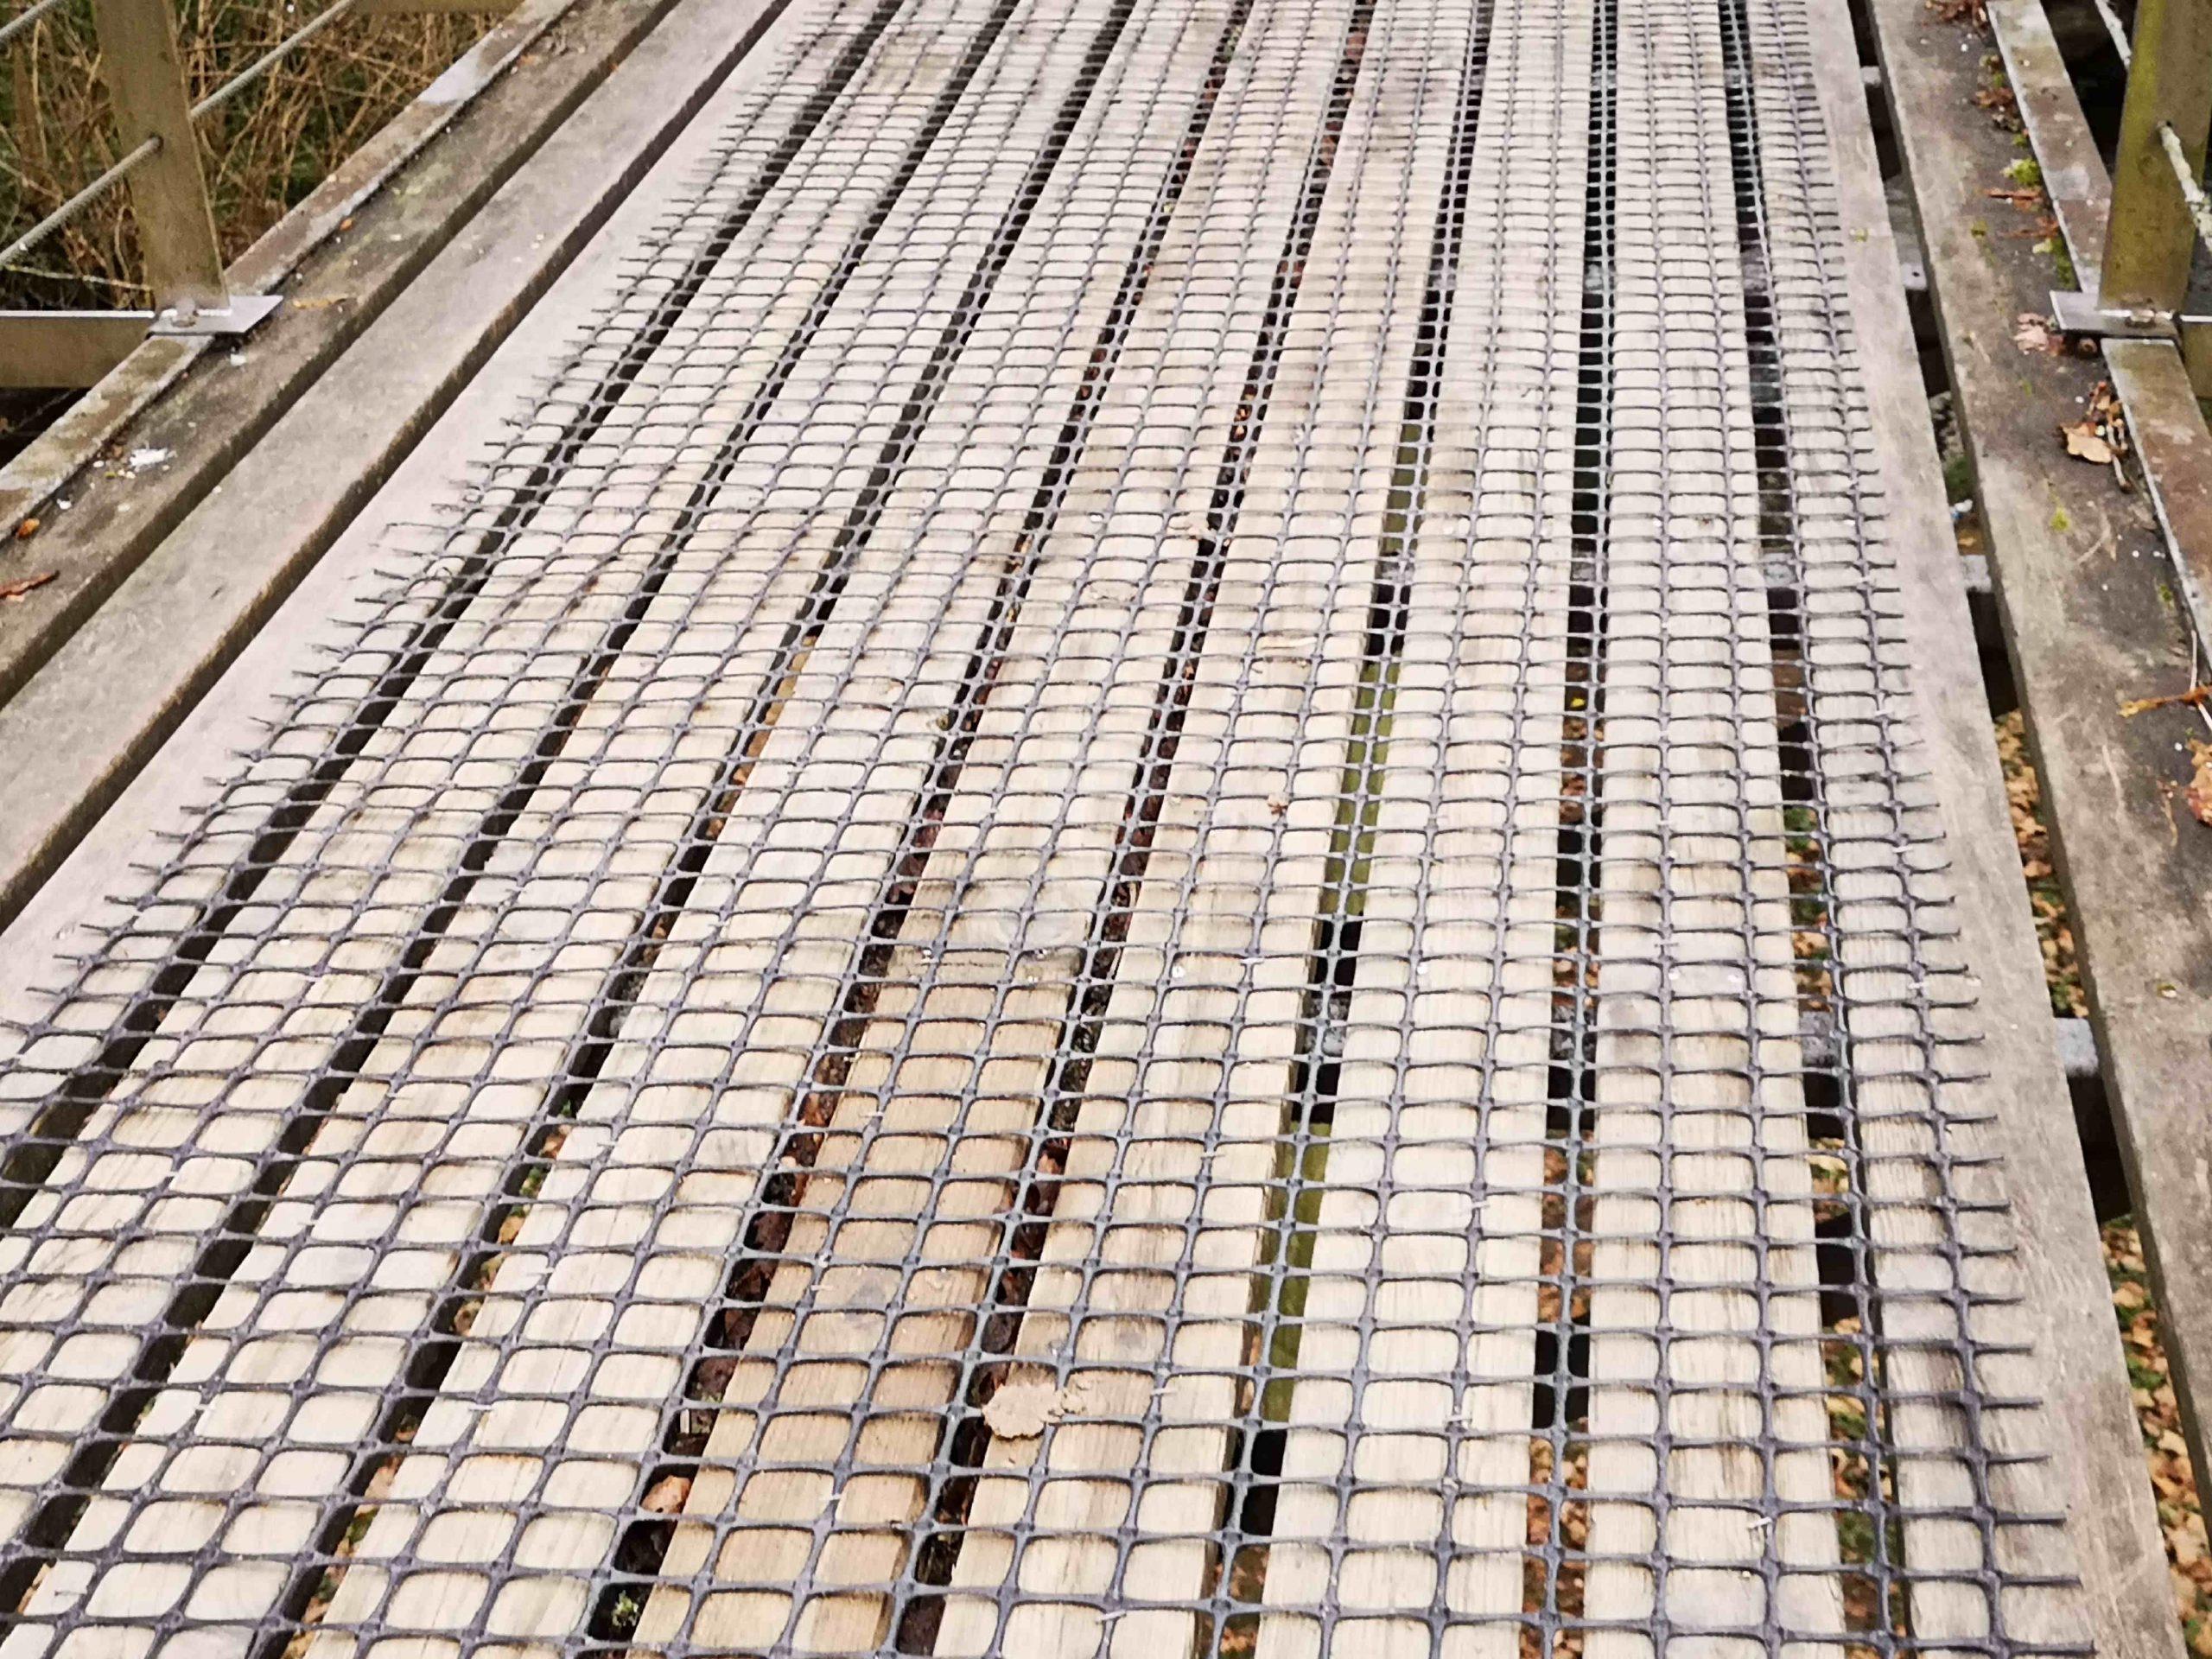 Entre las soluciones al suelo resbaladizo destaca Trek-Net, especialistas en mallas de seguridad antirresbalones